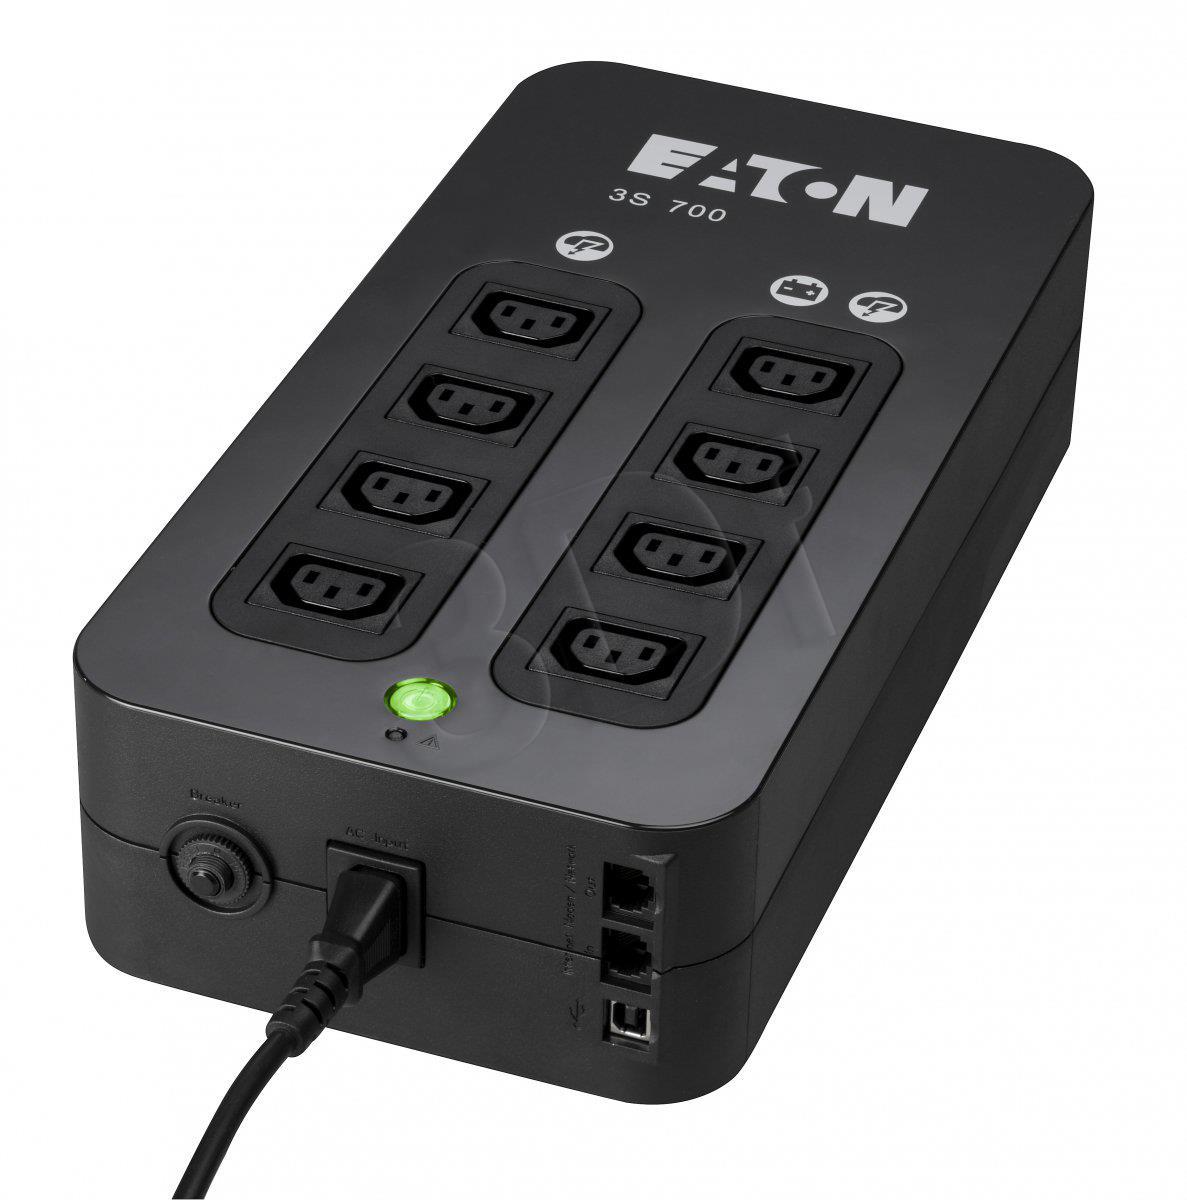 EATON 3S 700 IEC nepārtrauktas barošanas avots UPS